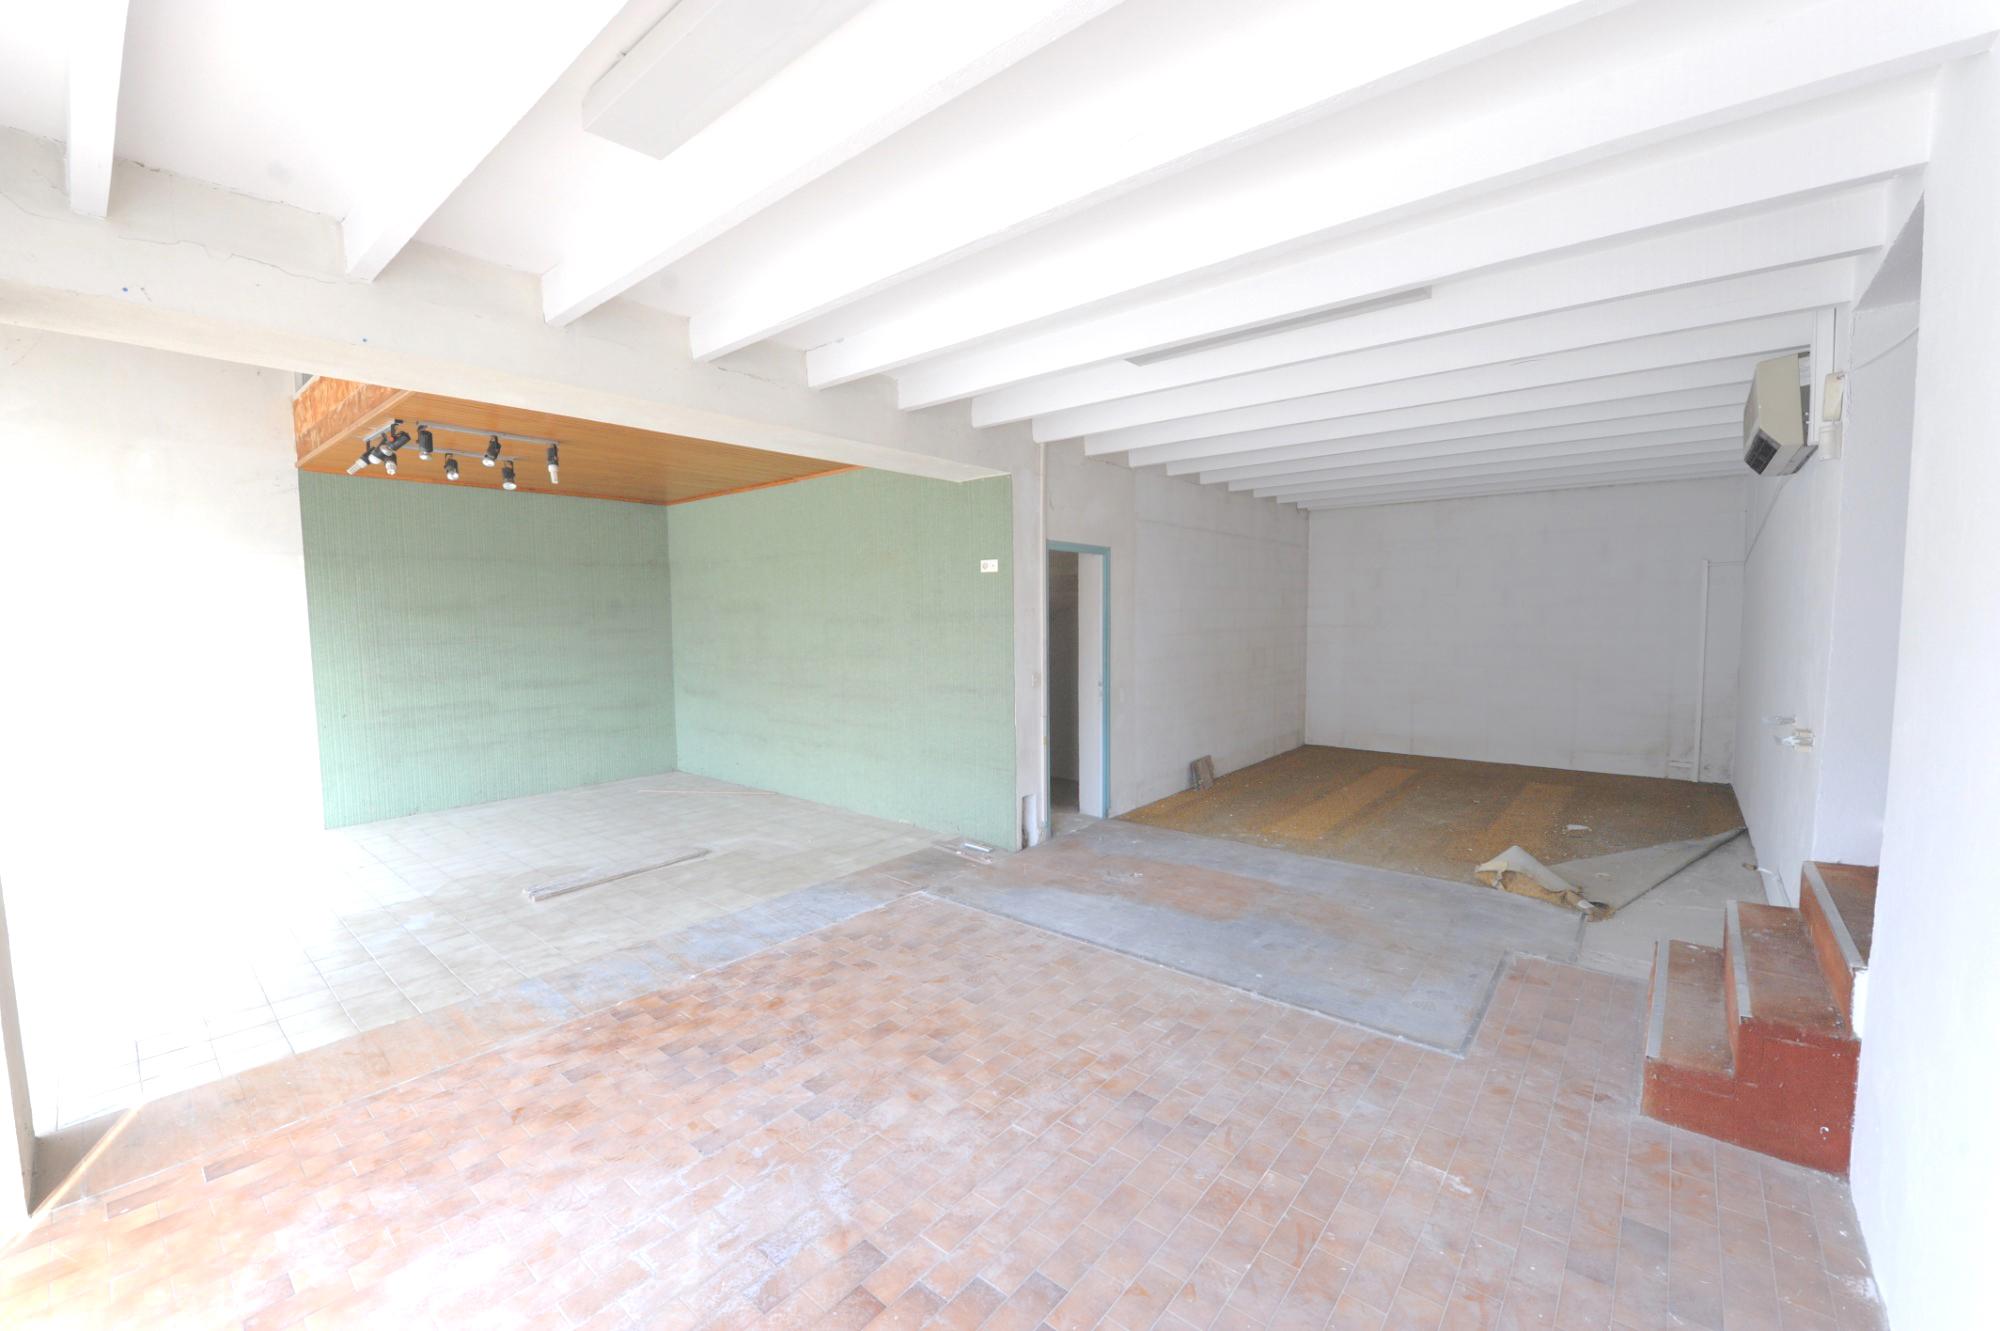 Maison avec local commercial en Luberon